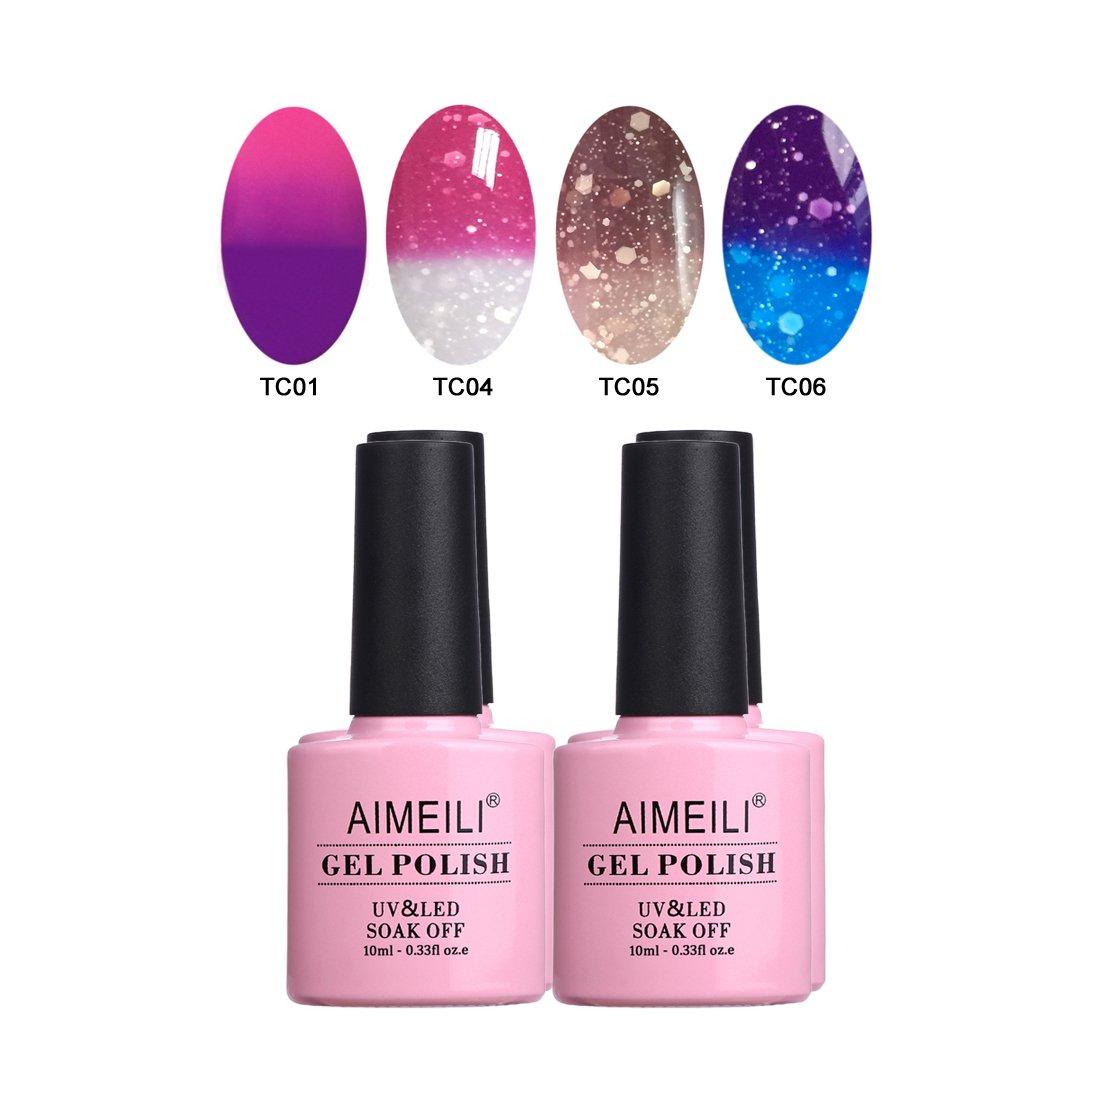 AIMEILI Pastel Pink Gel Nail Polish Set Soak Off UV LED Gel Polish Multicolour/Mix Colour/Combo Colour Of 4pcs X 10ml - Gift Kit 17